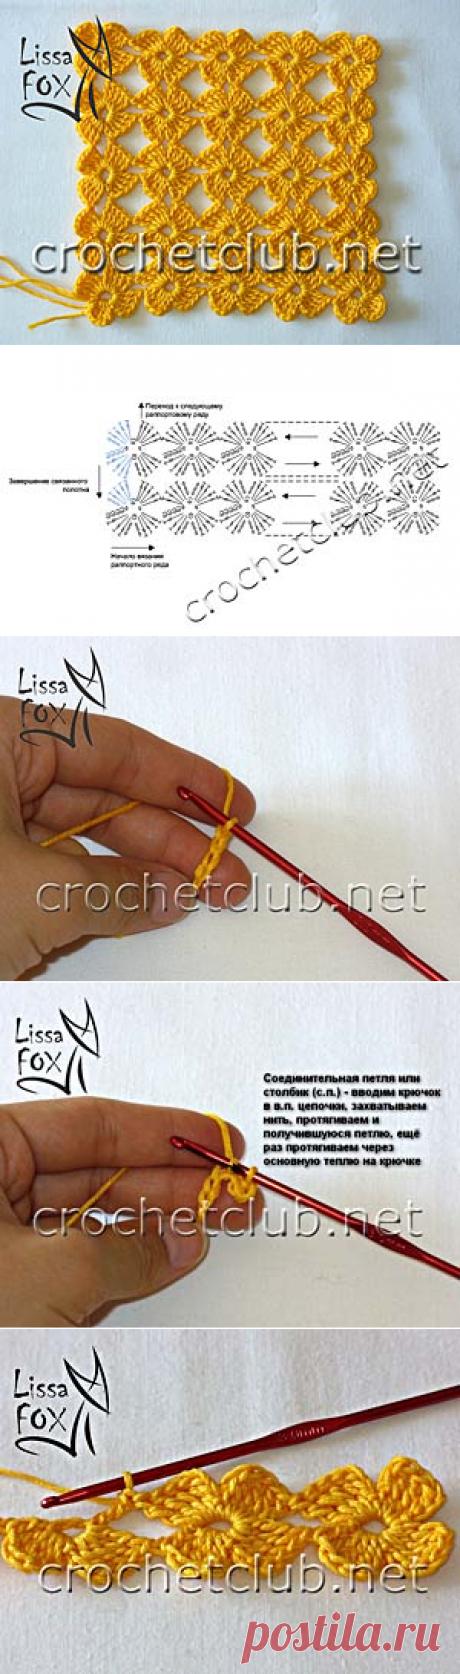 Мастер-класс по безотрывному вязанию - Вязание Крючком. Блог Настика